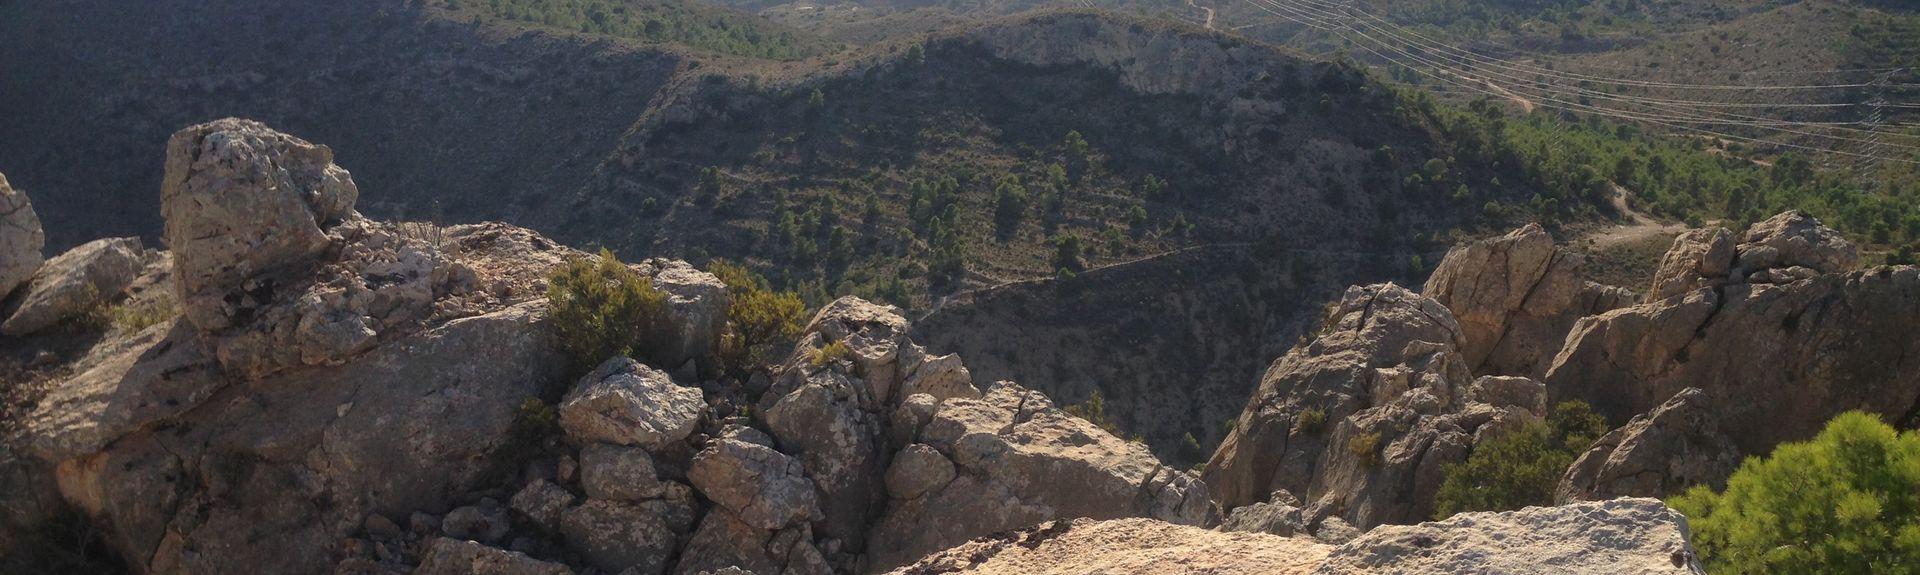 Penàguila, Comunidad Valenciana, Espanha